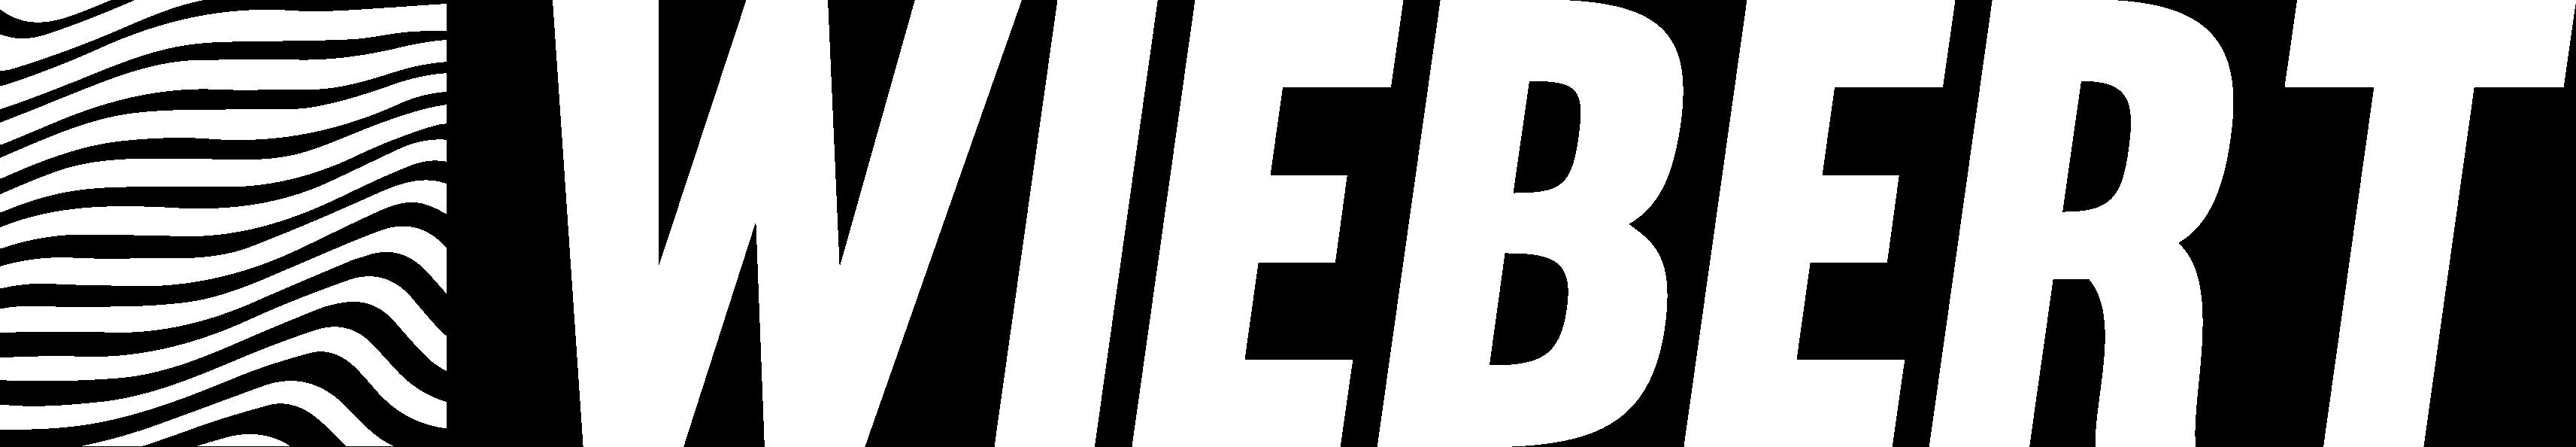 WIEBERT